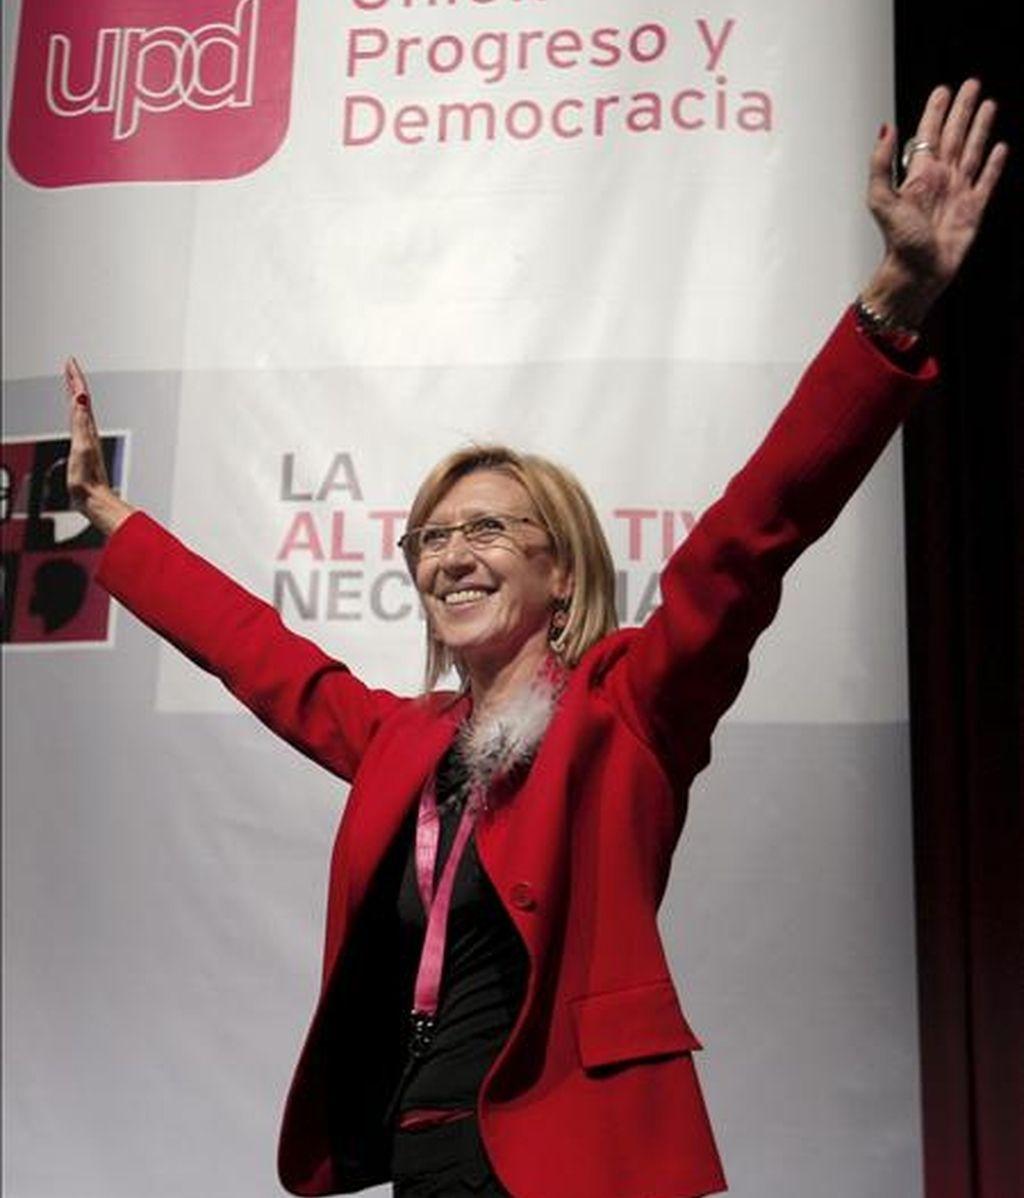 Rosa Díez levanta los brazos en señal de agradecimiento tras ser elegida en el Congreso de Unión Progreso y Democracia (UPyD) celebrado hoy en Madrid portavoz del Consejo de Dirección del partido con el 81 por ciento de los votos. EFE